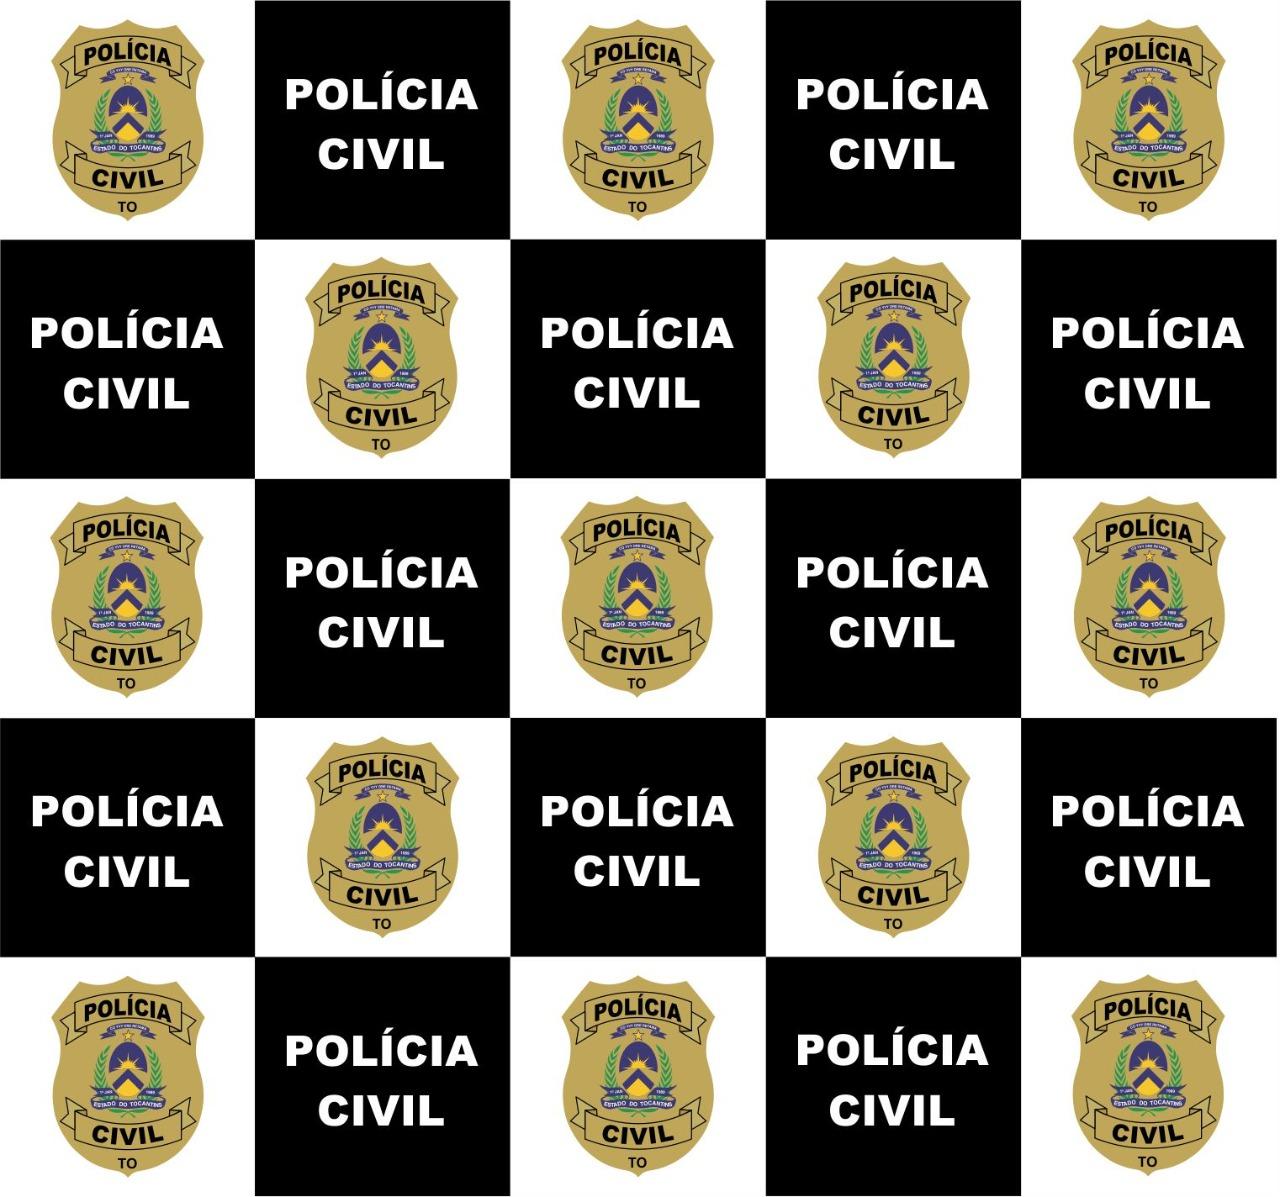 Homem condenado por matar ex-lutador de telecath há 19 anos em Goiás é preso pela Polícia Civil em Gurupi